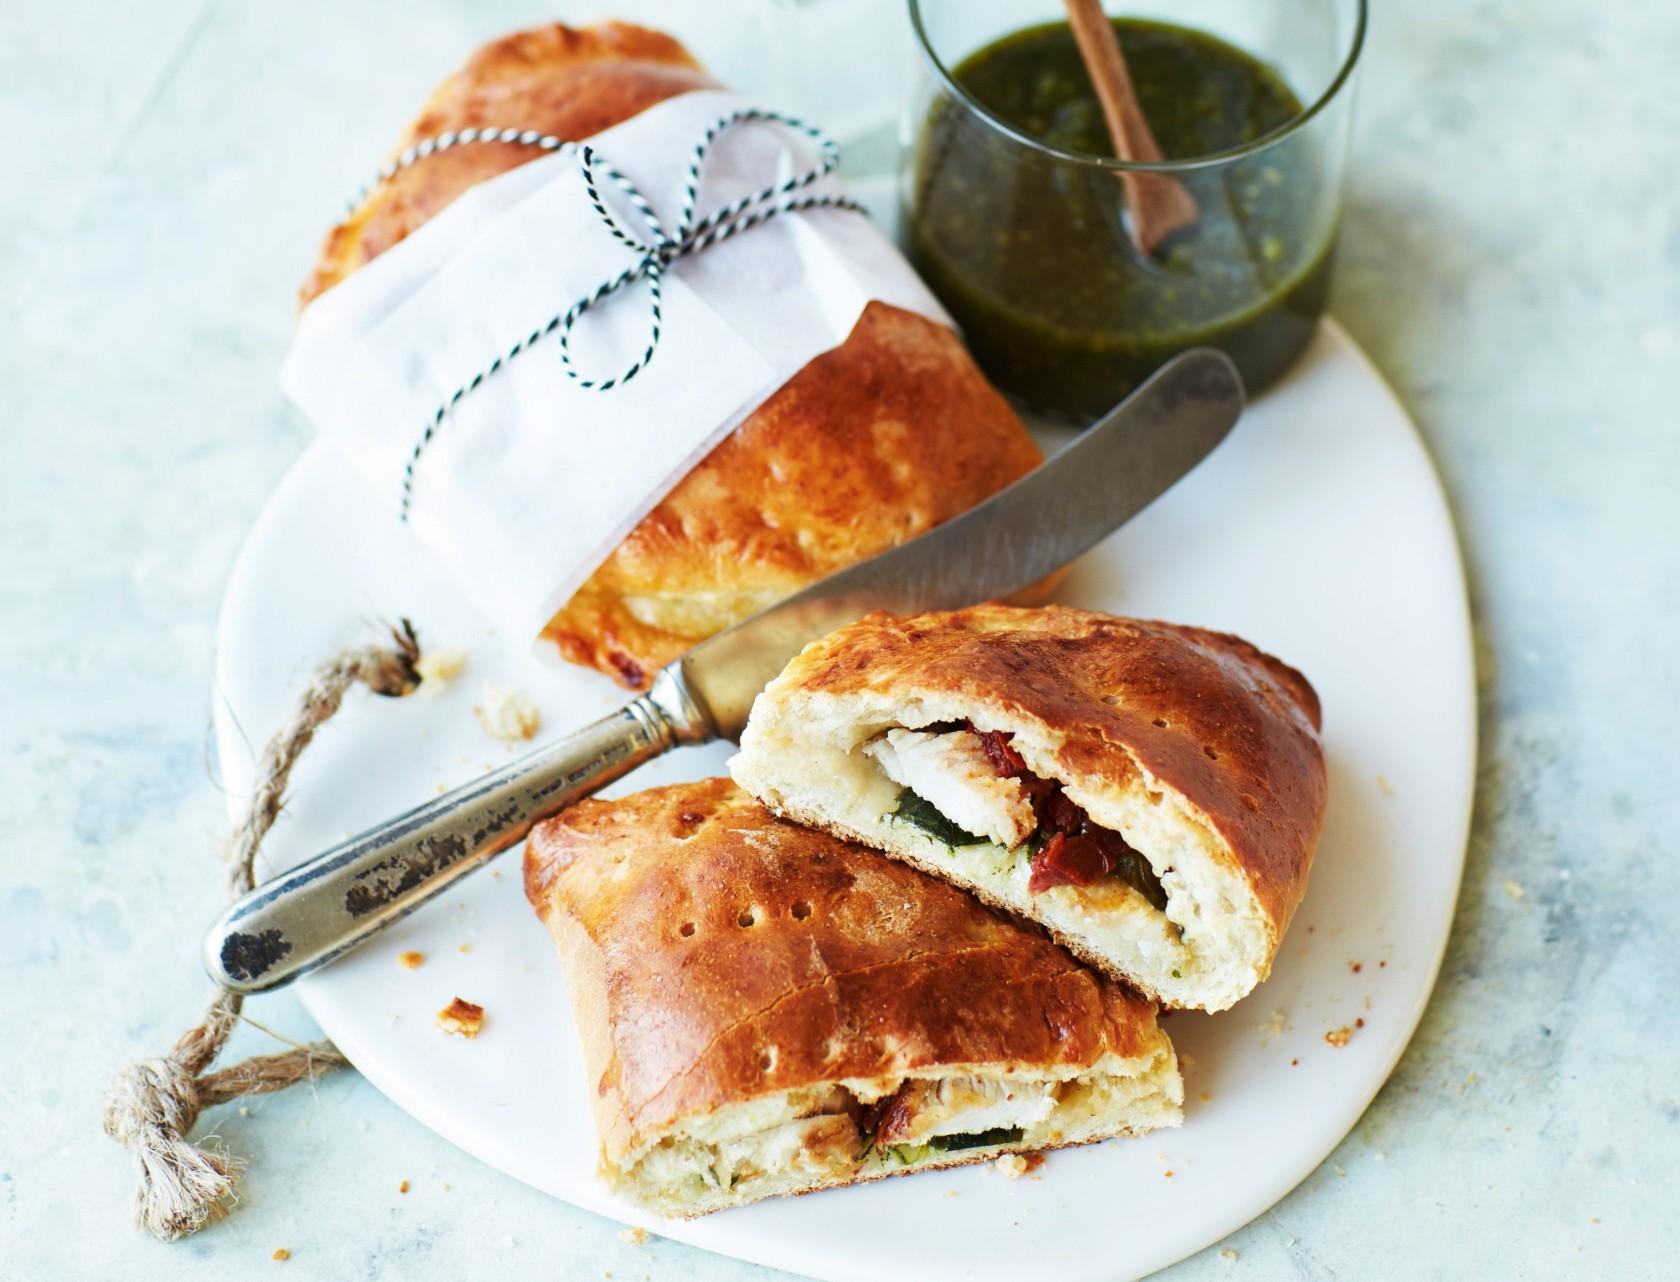 Indbagt sandwich med kylling, spinat og soltørrede tomater.